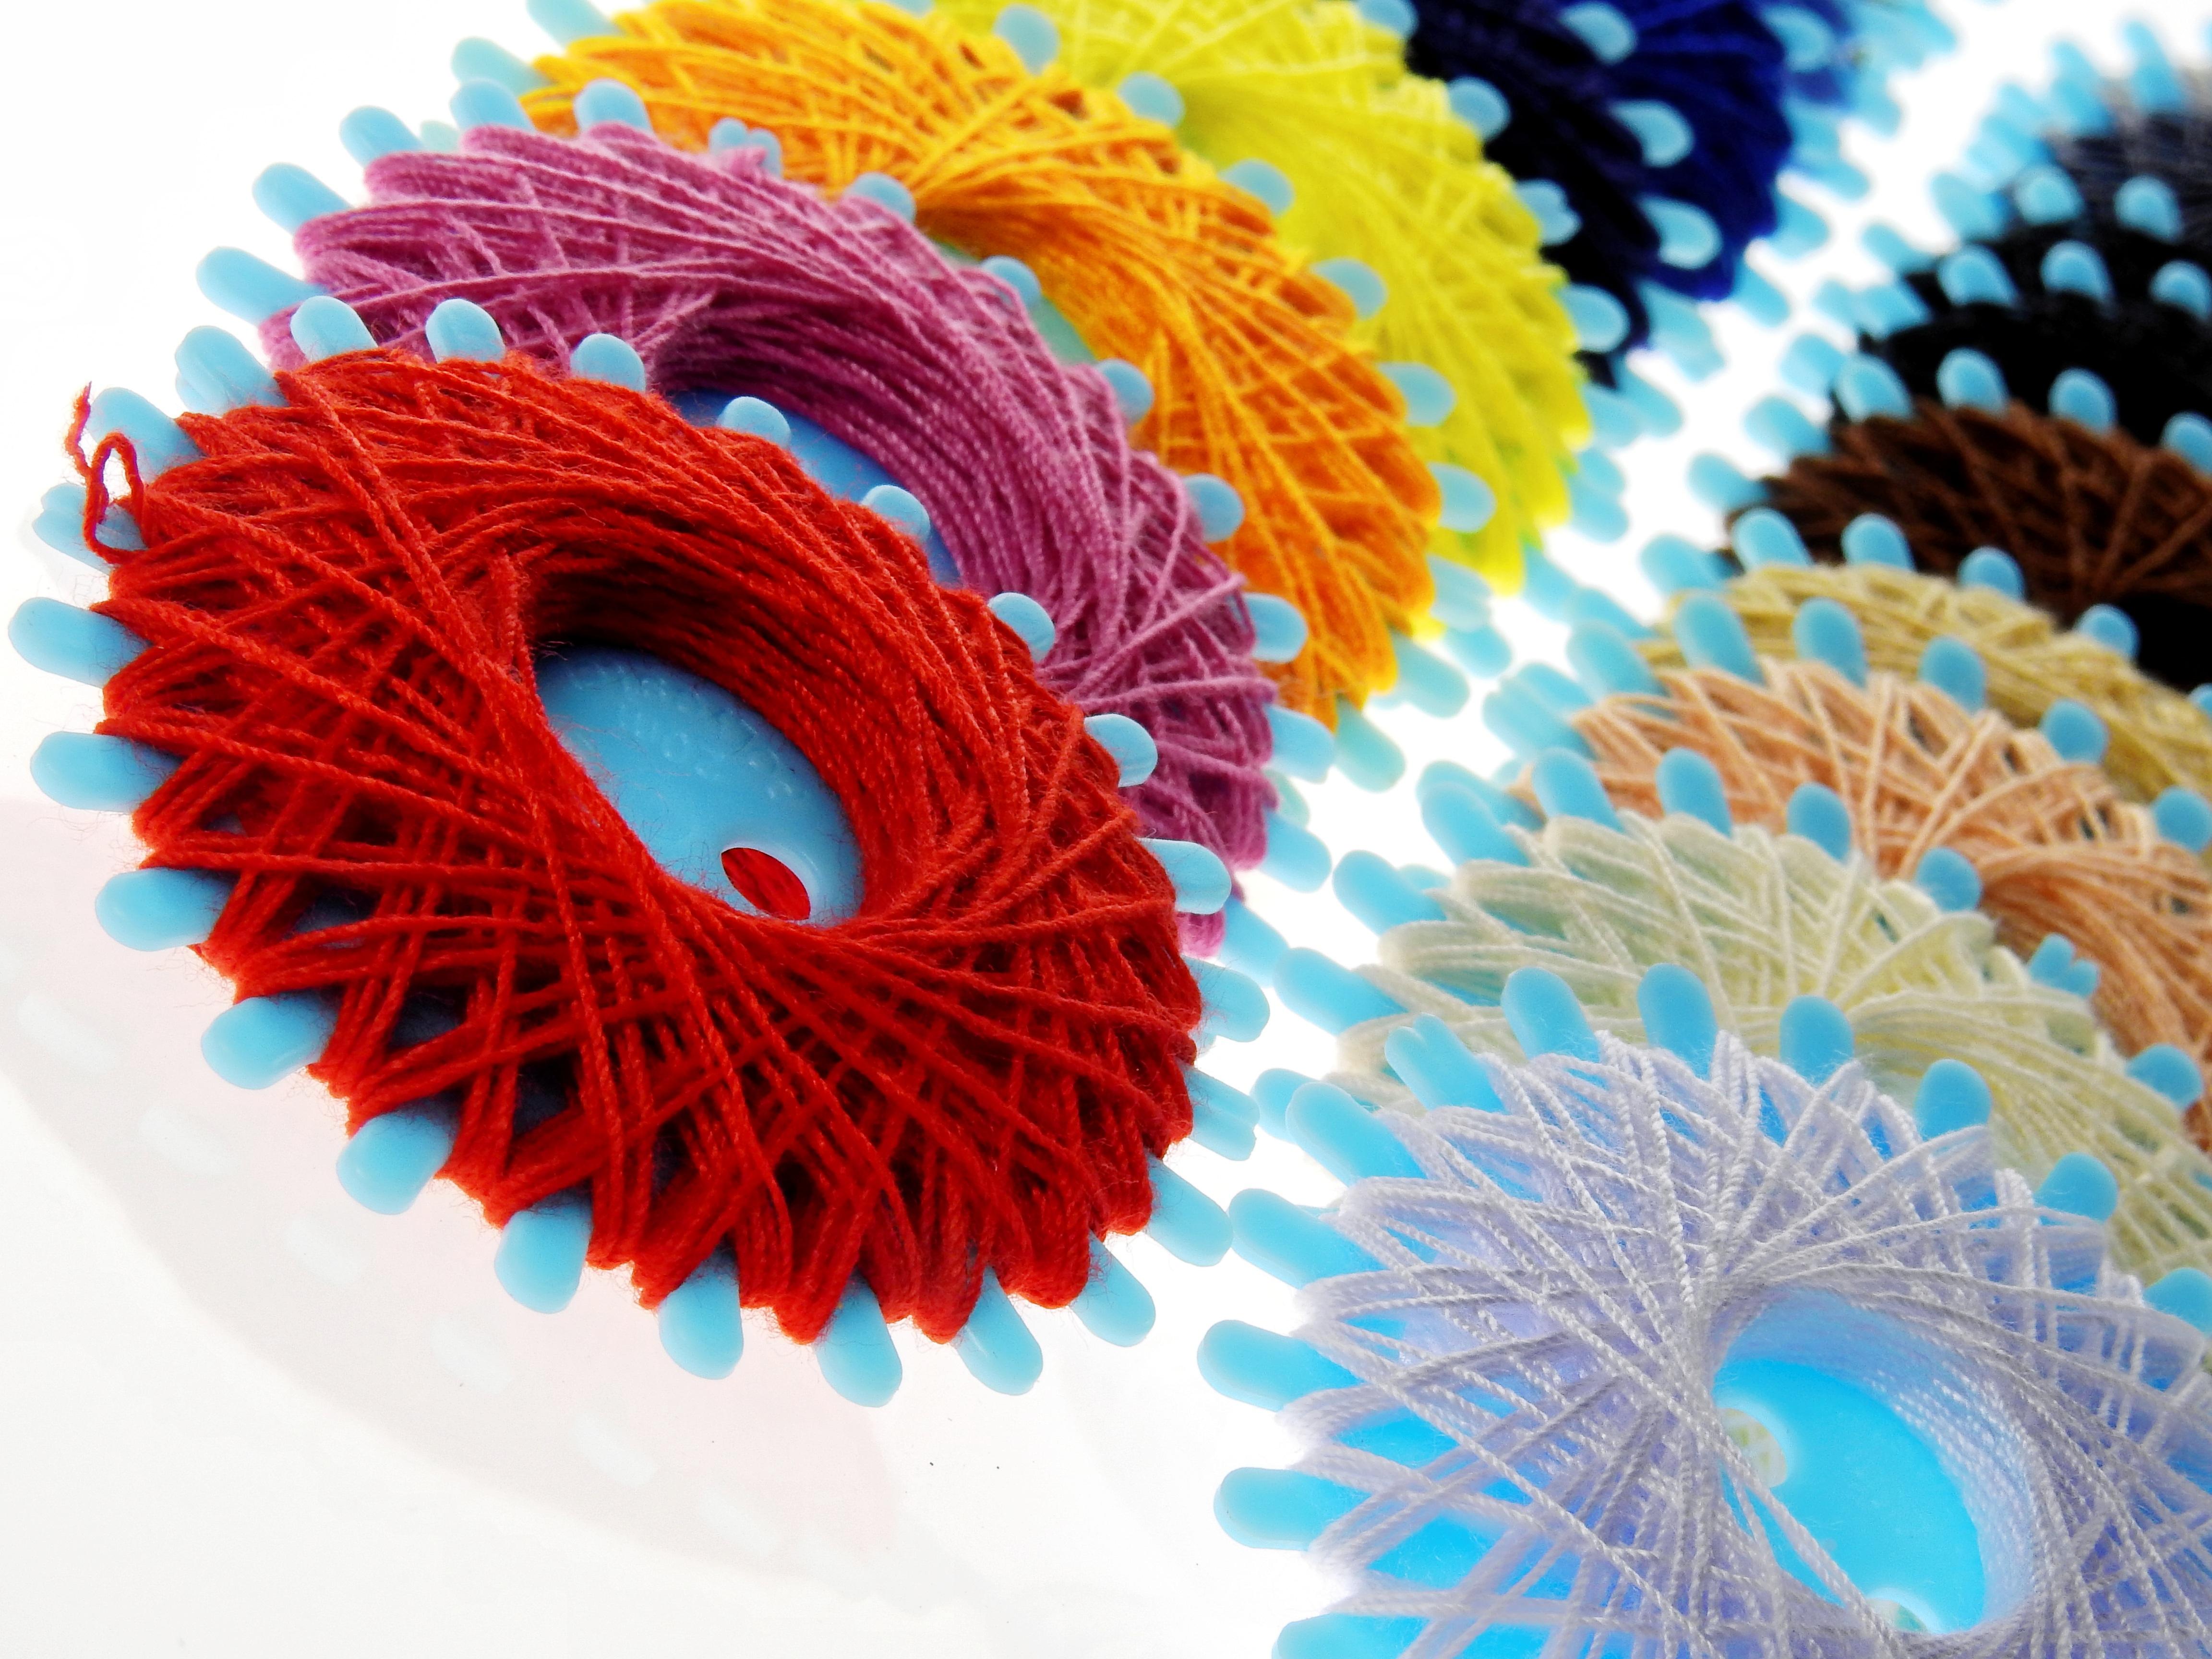 Kostenlose foto : kreativ, Nadel, Blume, Blütenblatt, Muster, Farbe ...